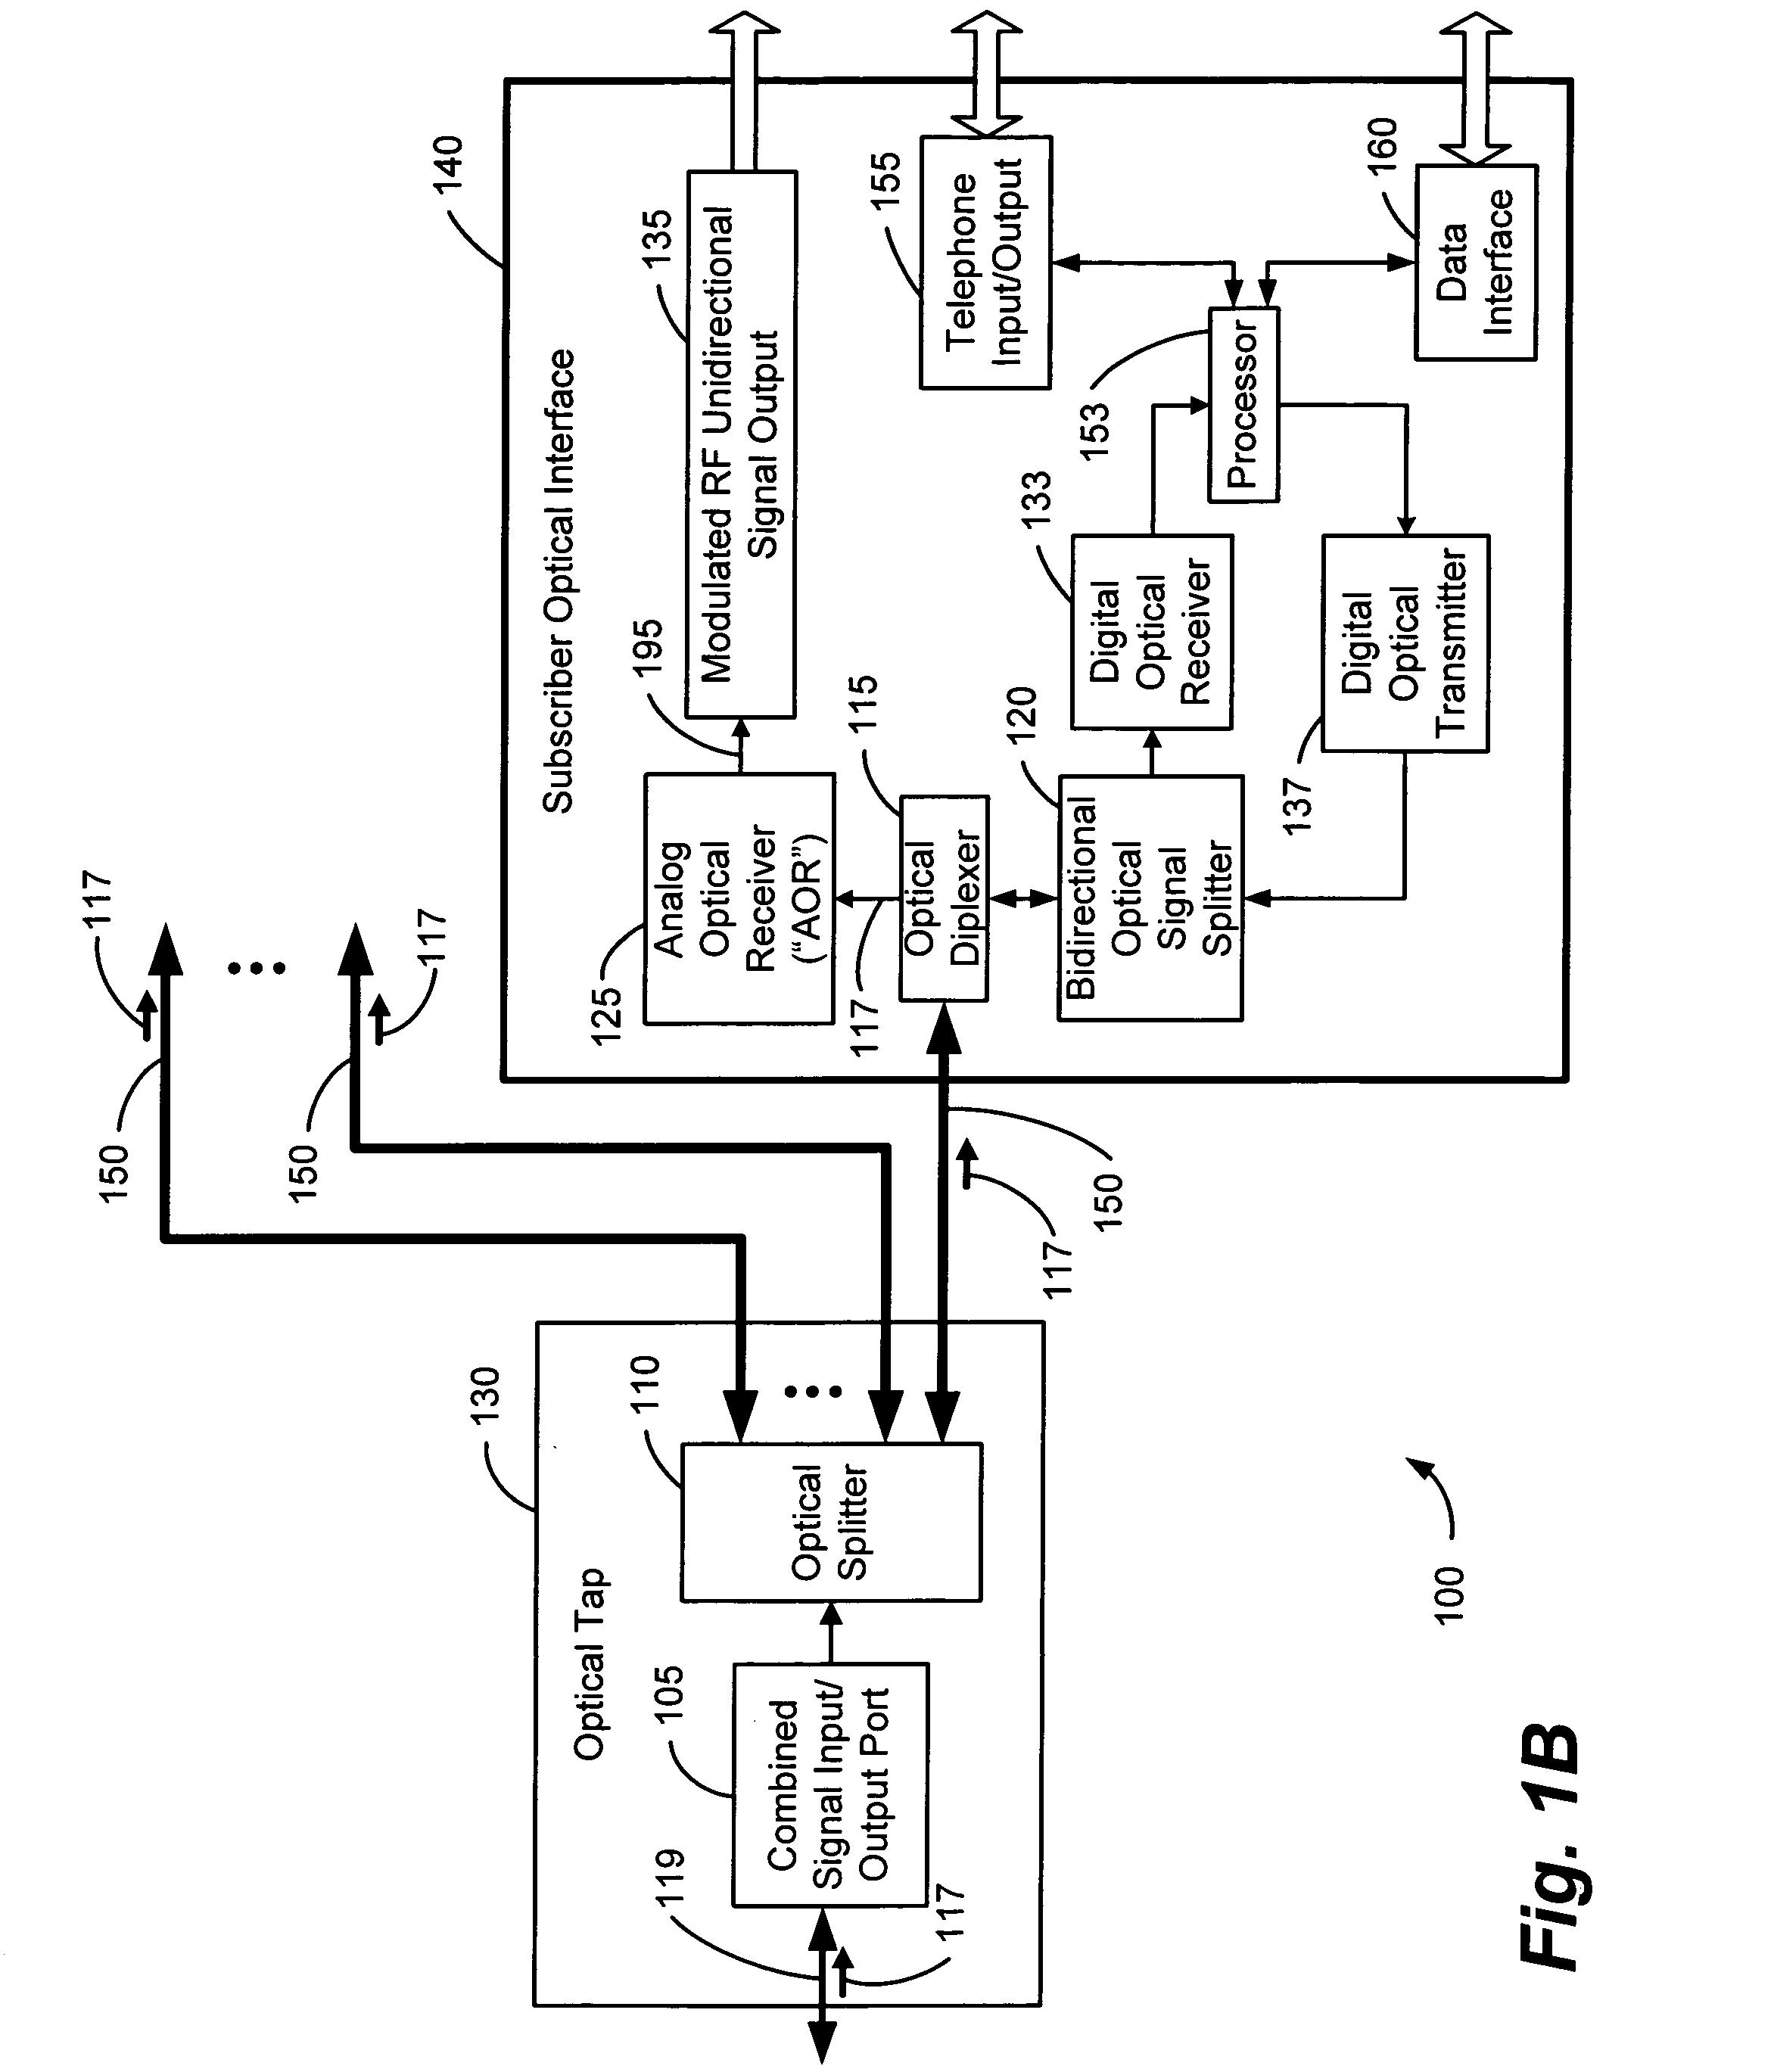 patent us20040253003